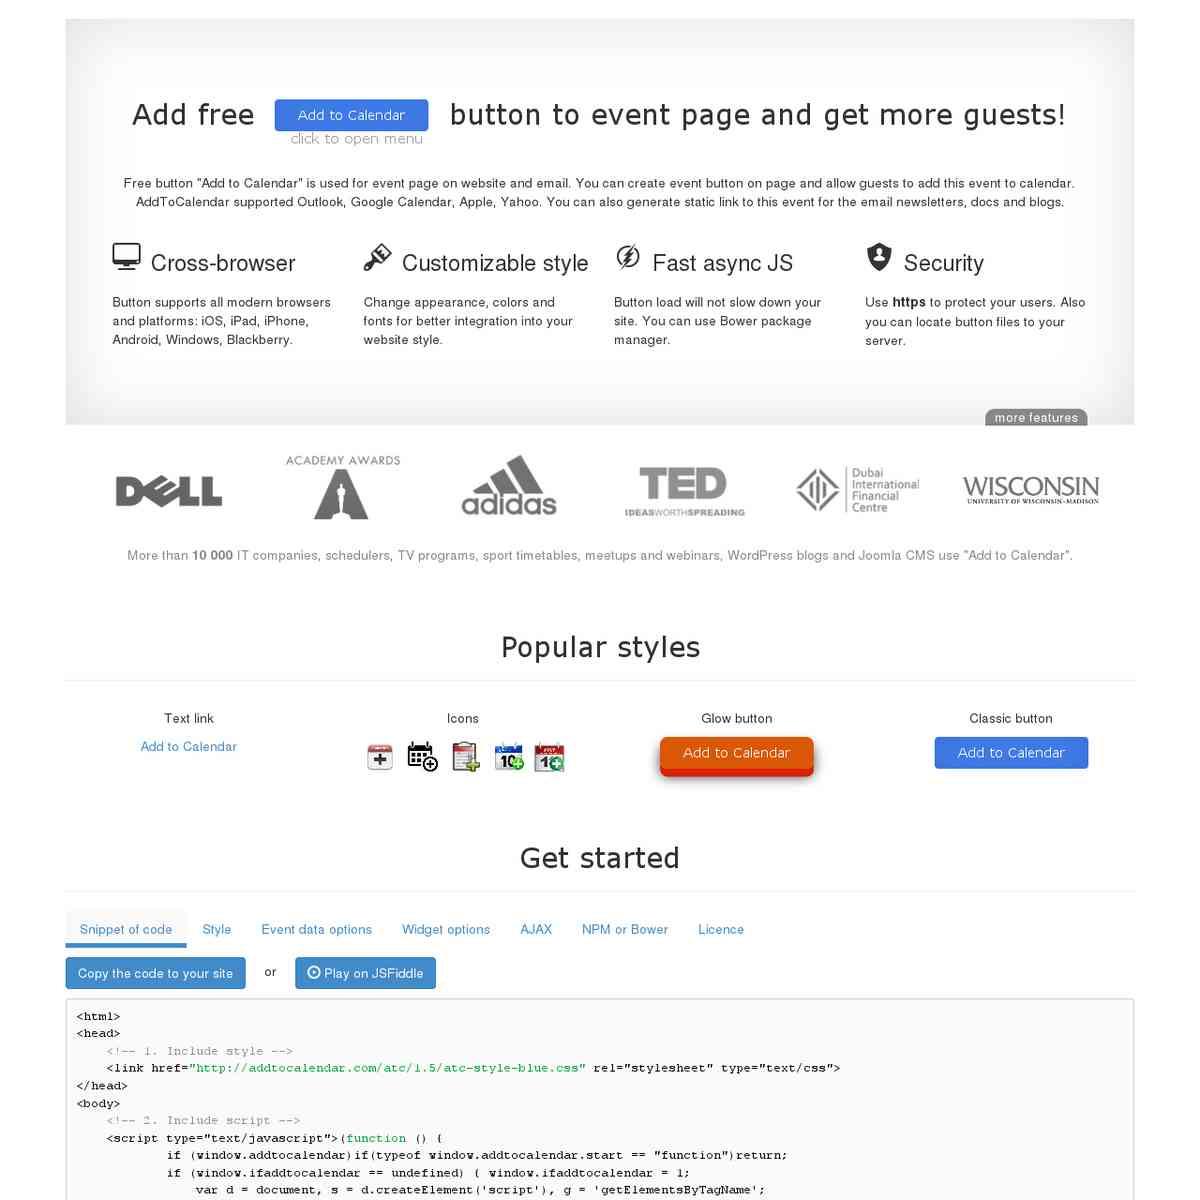 addtocalendar.com